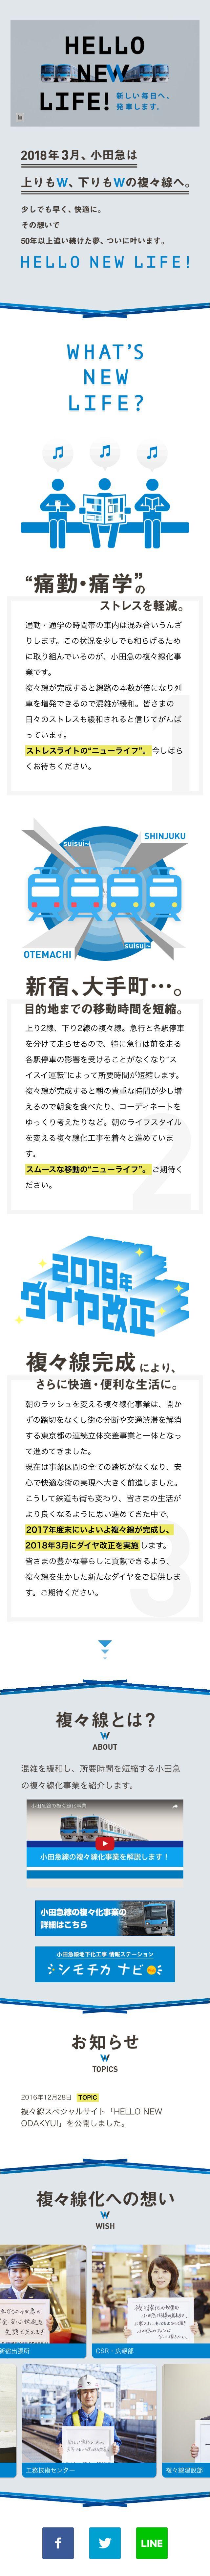 HELLO NEW ODAKYU!【サービス関連】のLPデザイン。WEBデザイナーさん必見!スマホランディングページのデザイン参考に(かっこいい系)